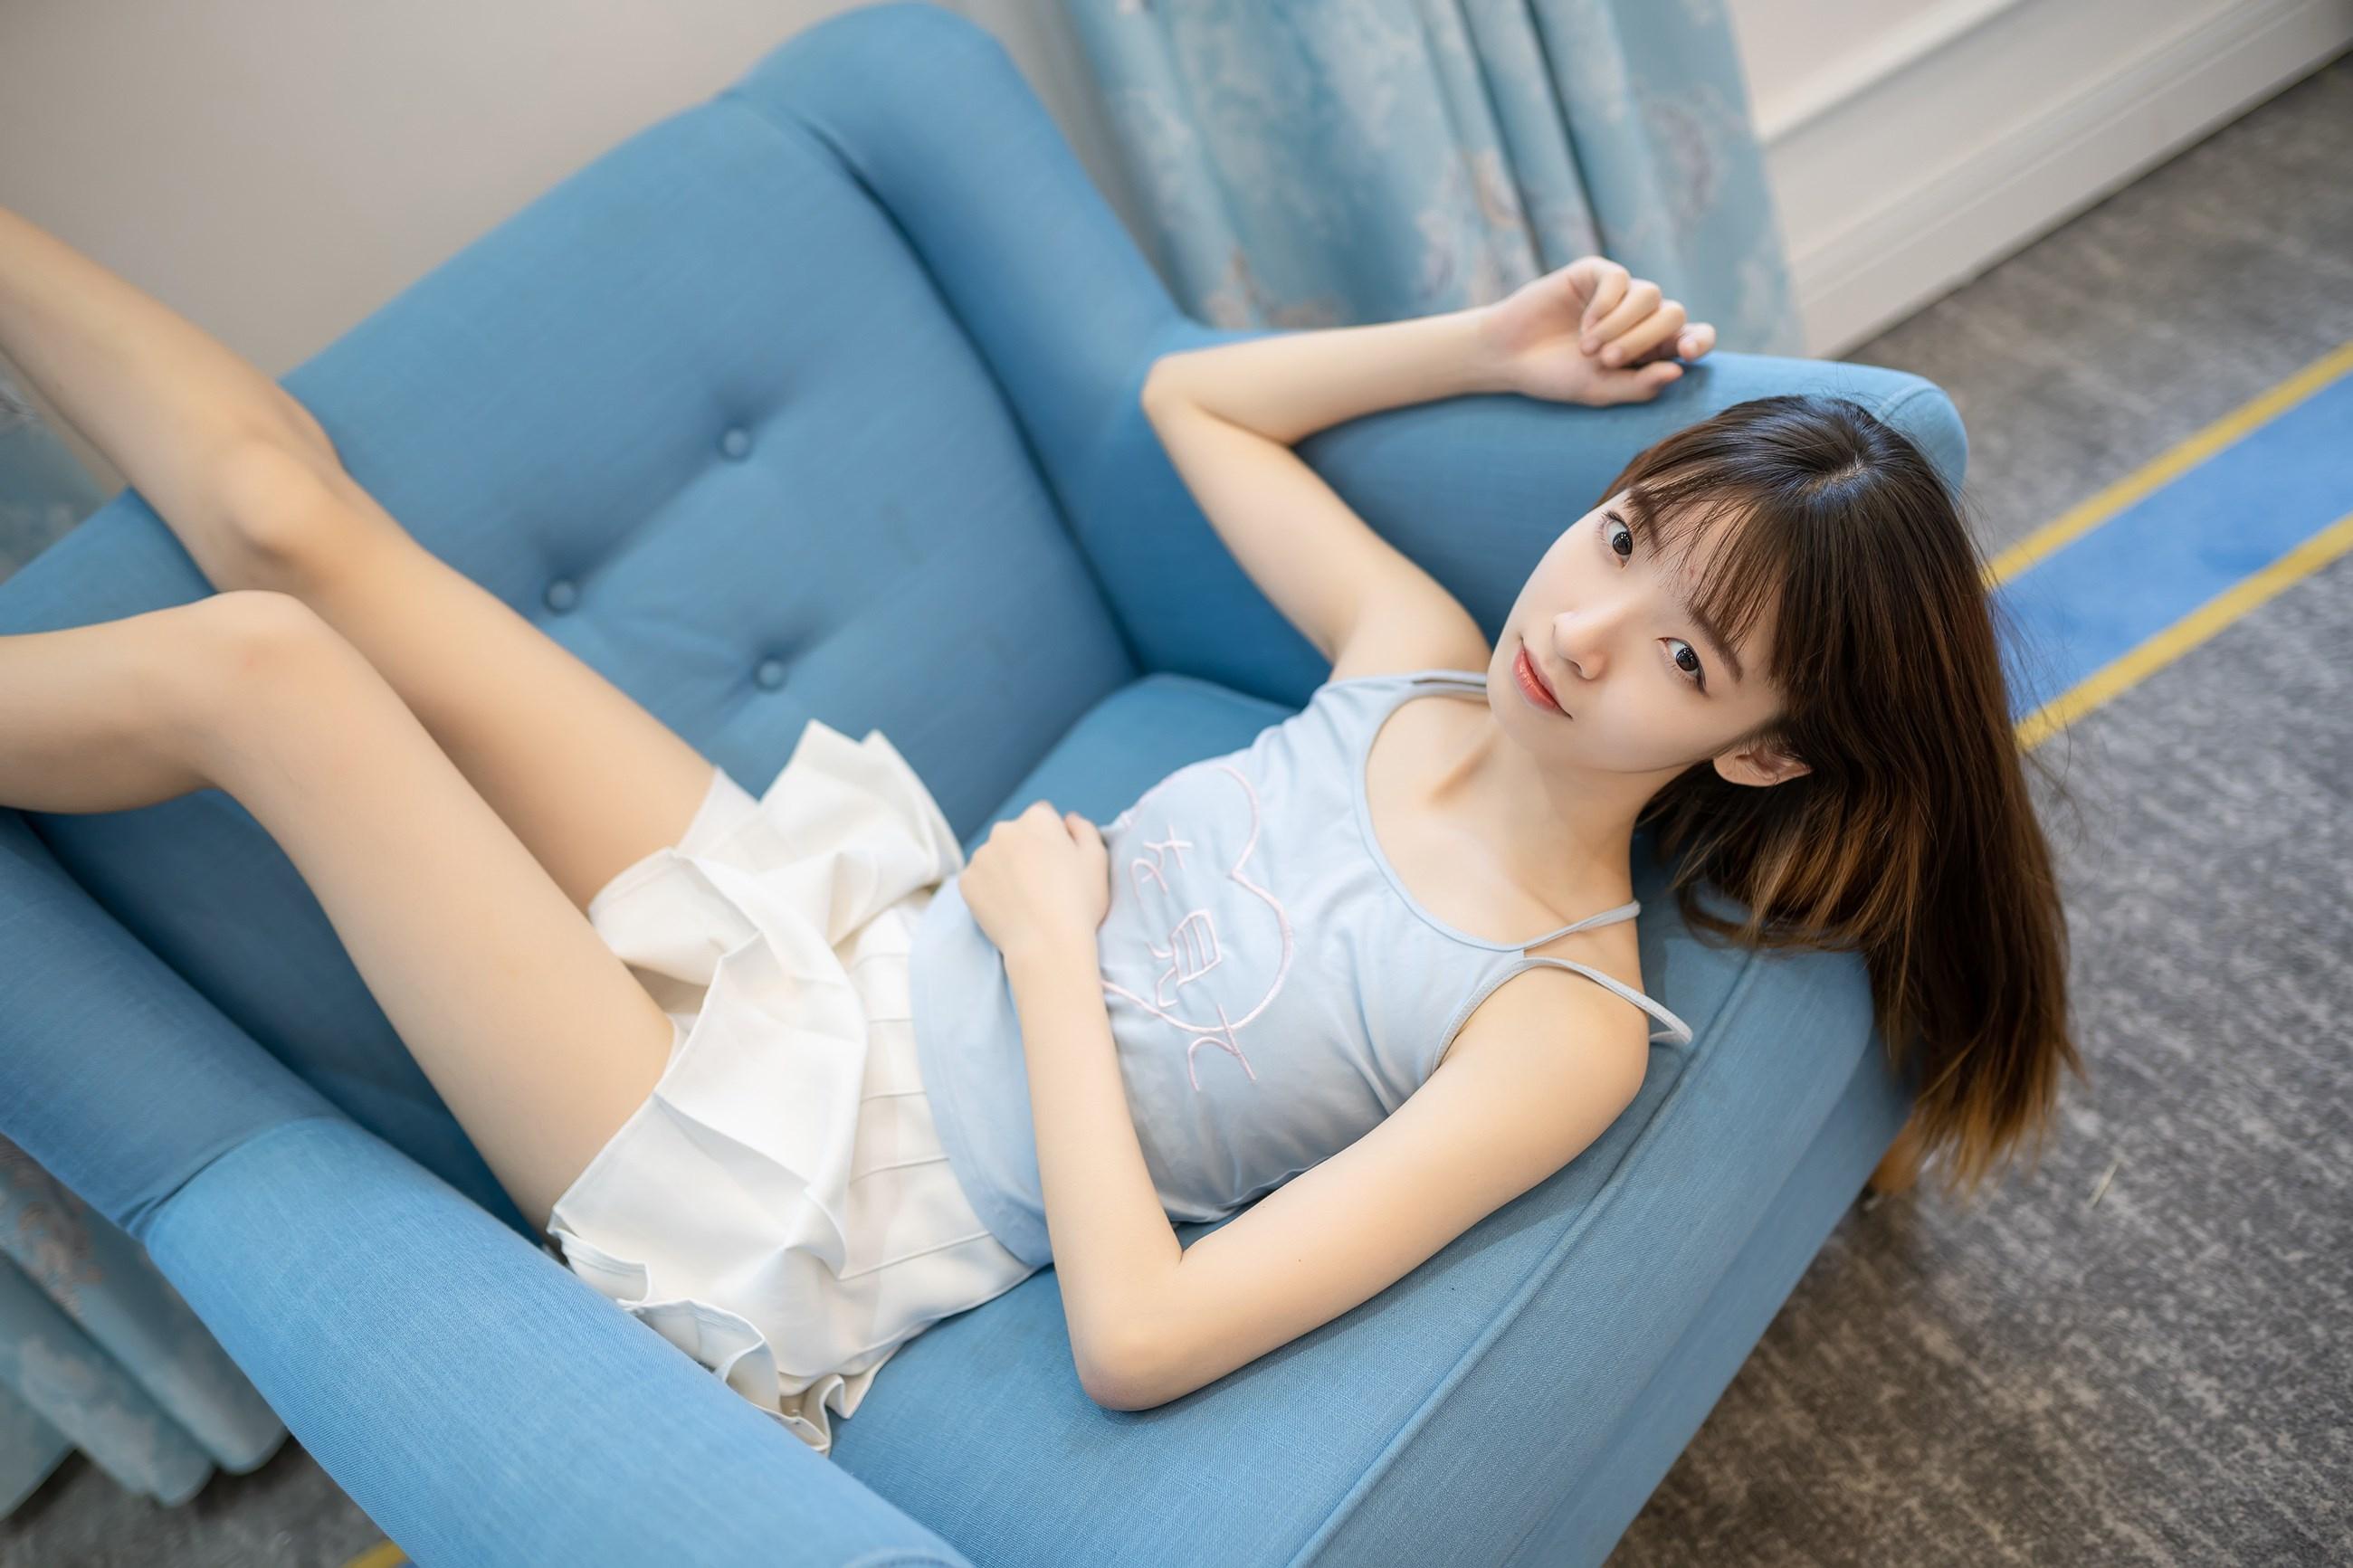 【兔玩映画】白裙果腿少女 兔玩映画 第13张